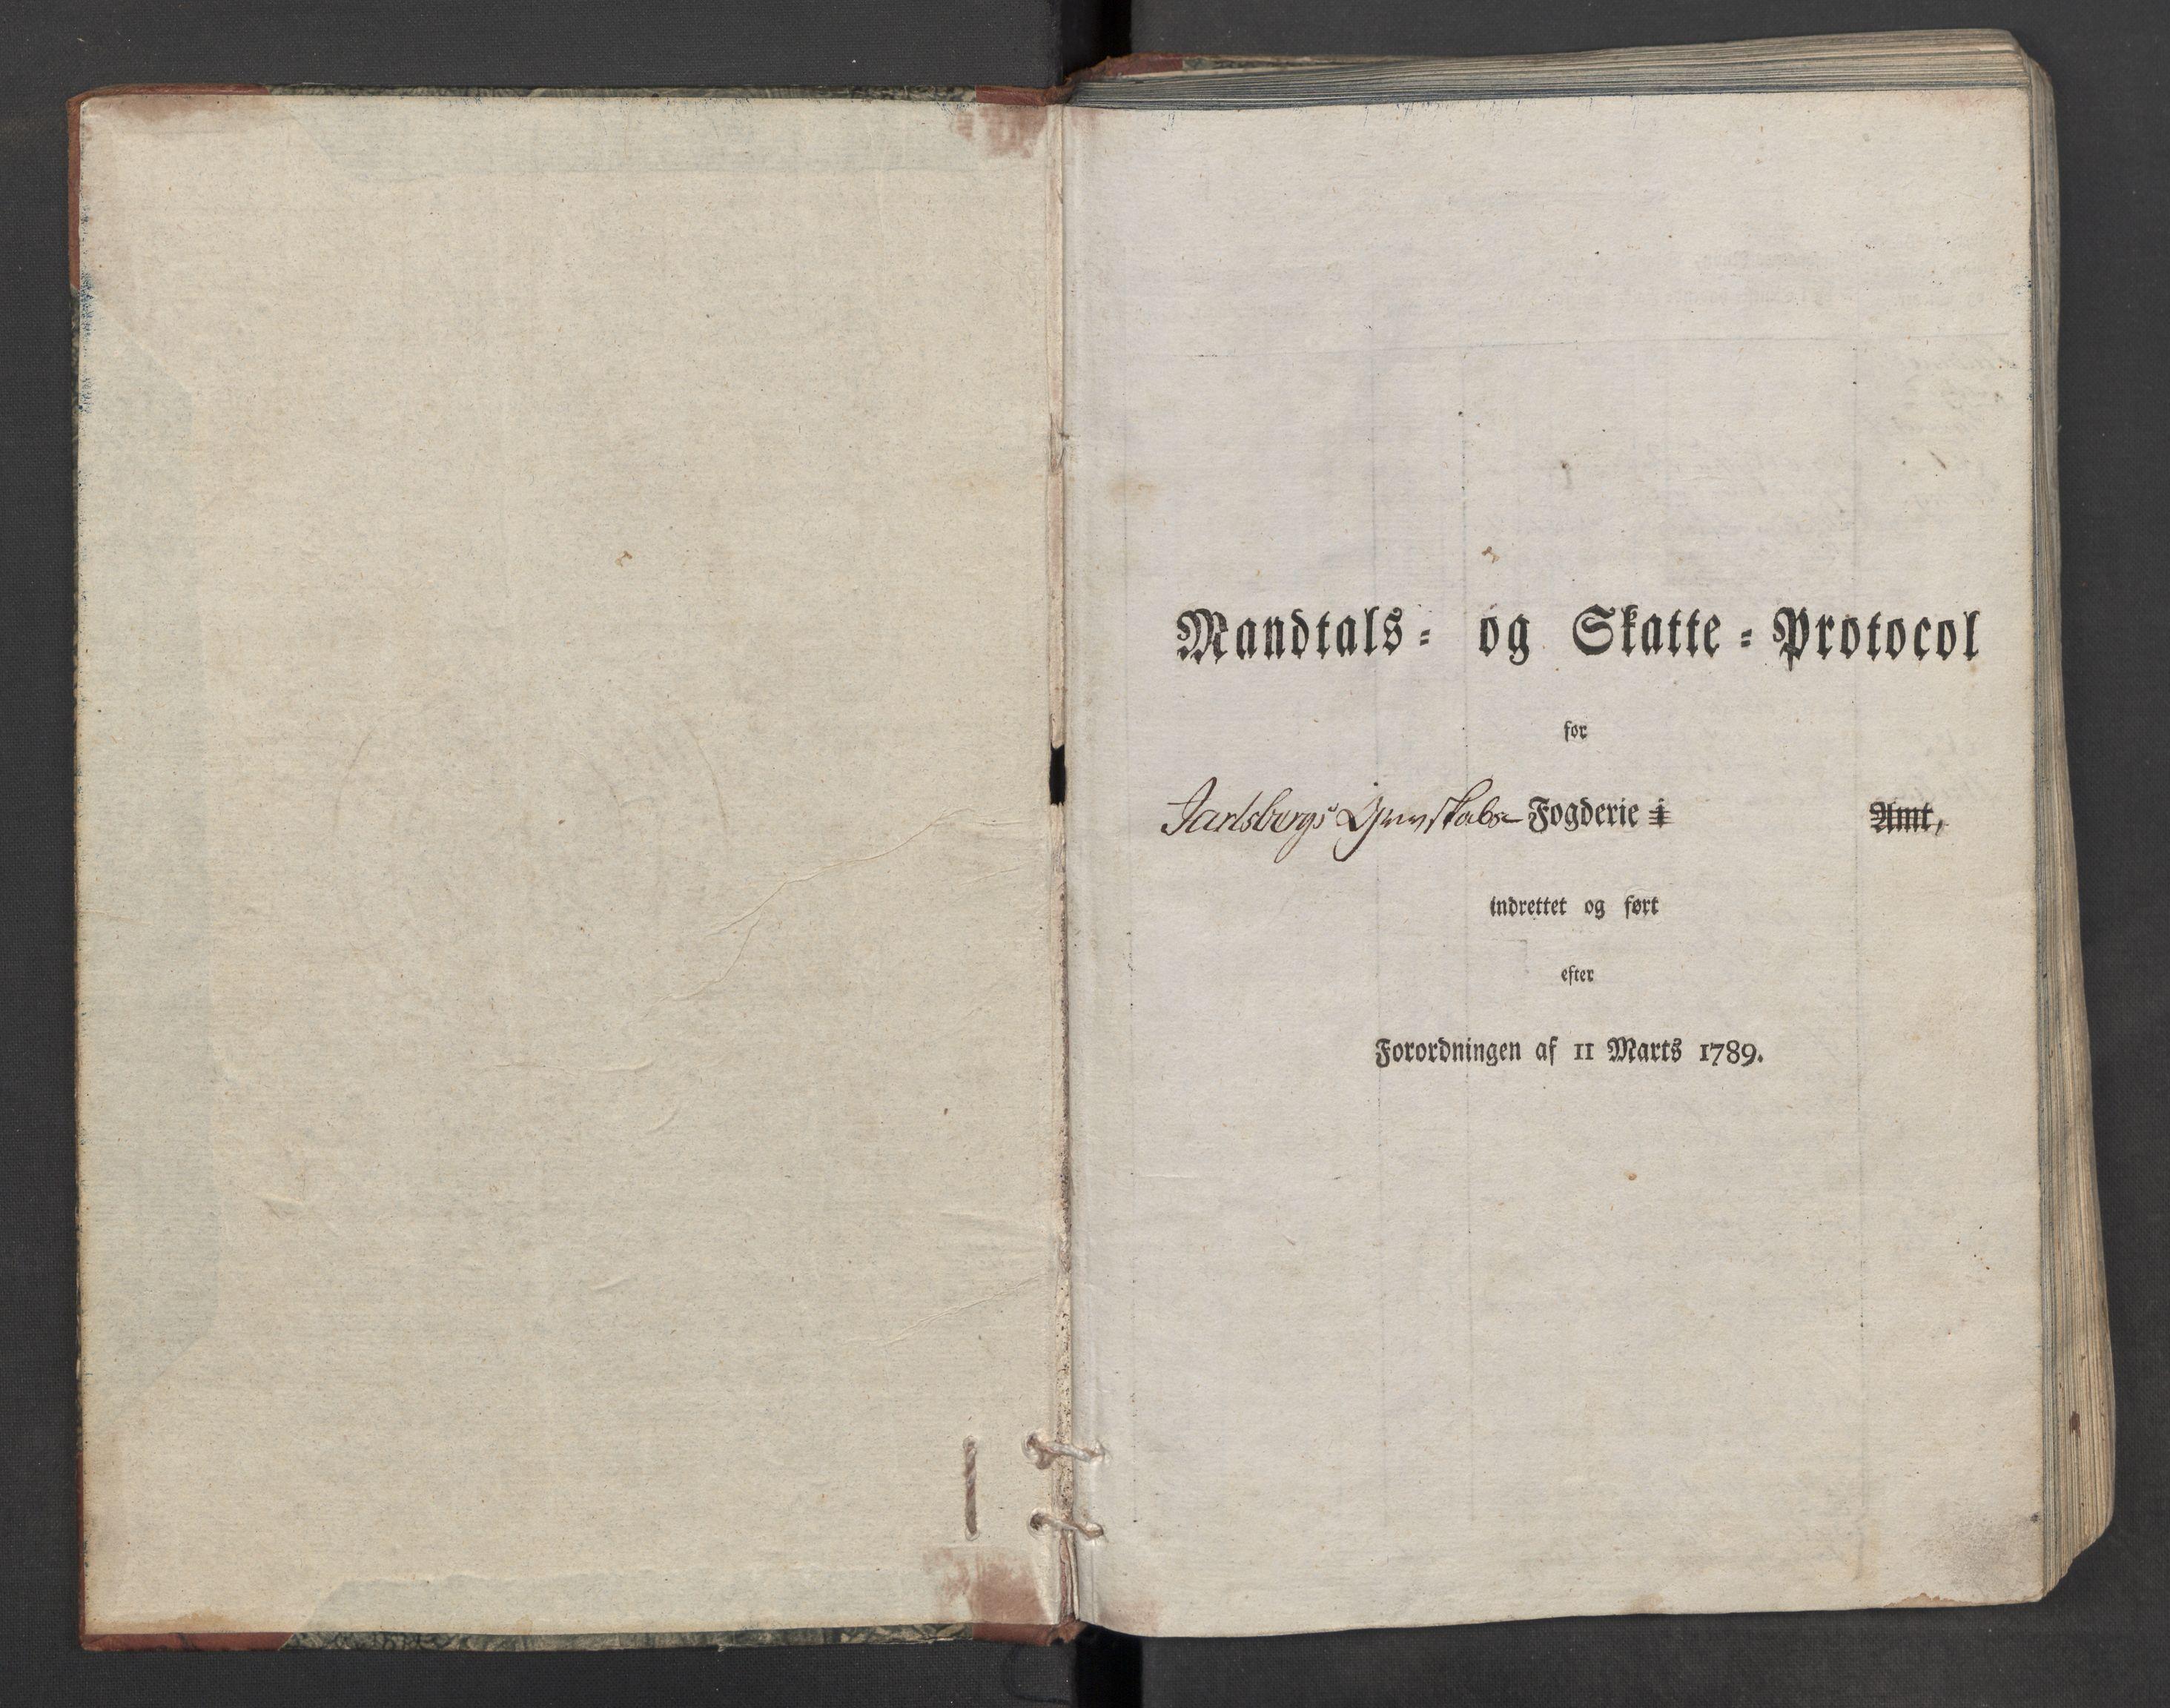 RA, Rentekammeret inntil 1814, Reviderte regnskaper, Mindre regnskaper, Rf/Rfe/L0018: Jarlsberg grevskap, Jæren og Dalane fogderi, 1789, s. 3